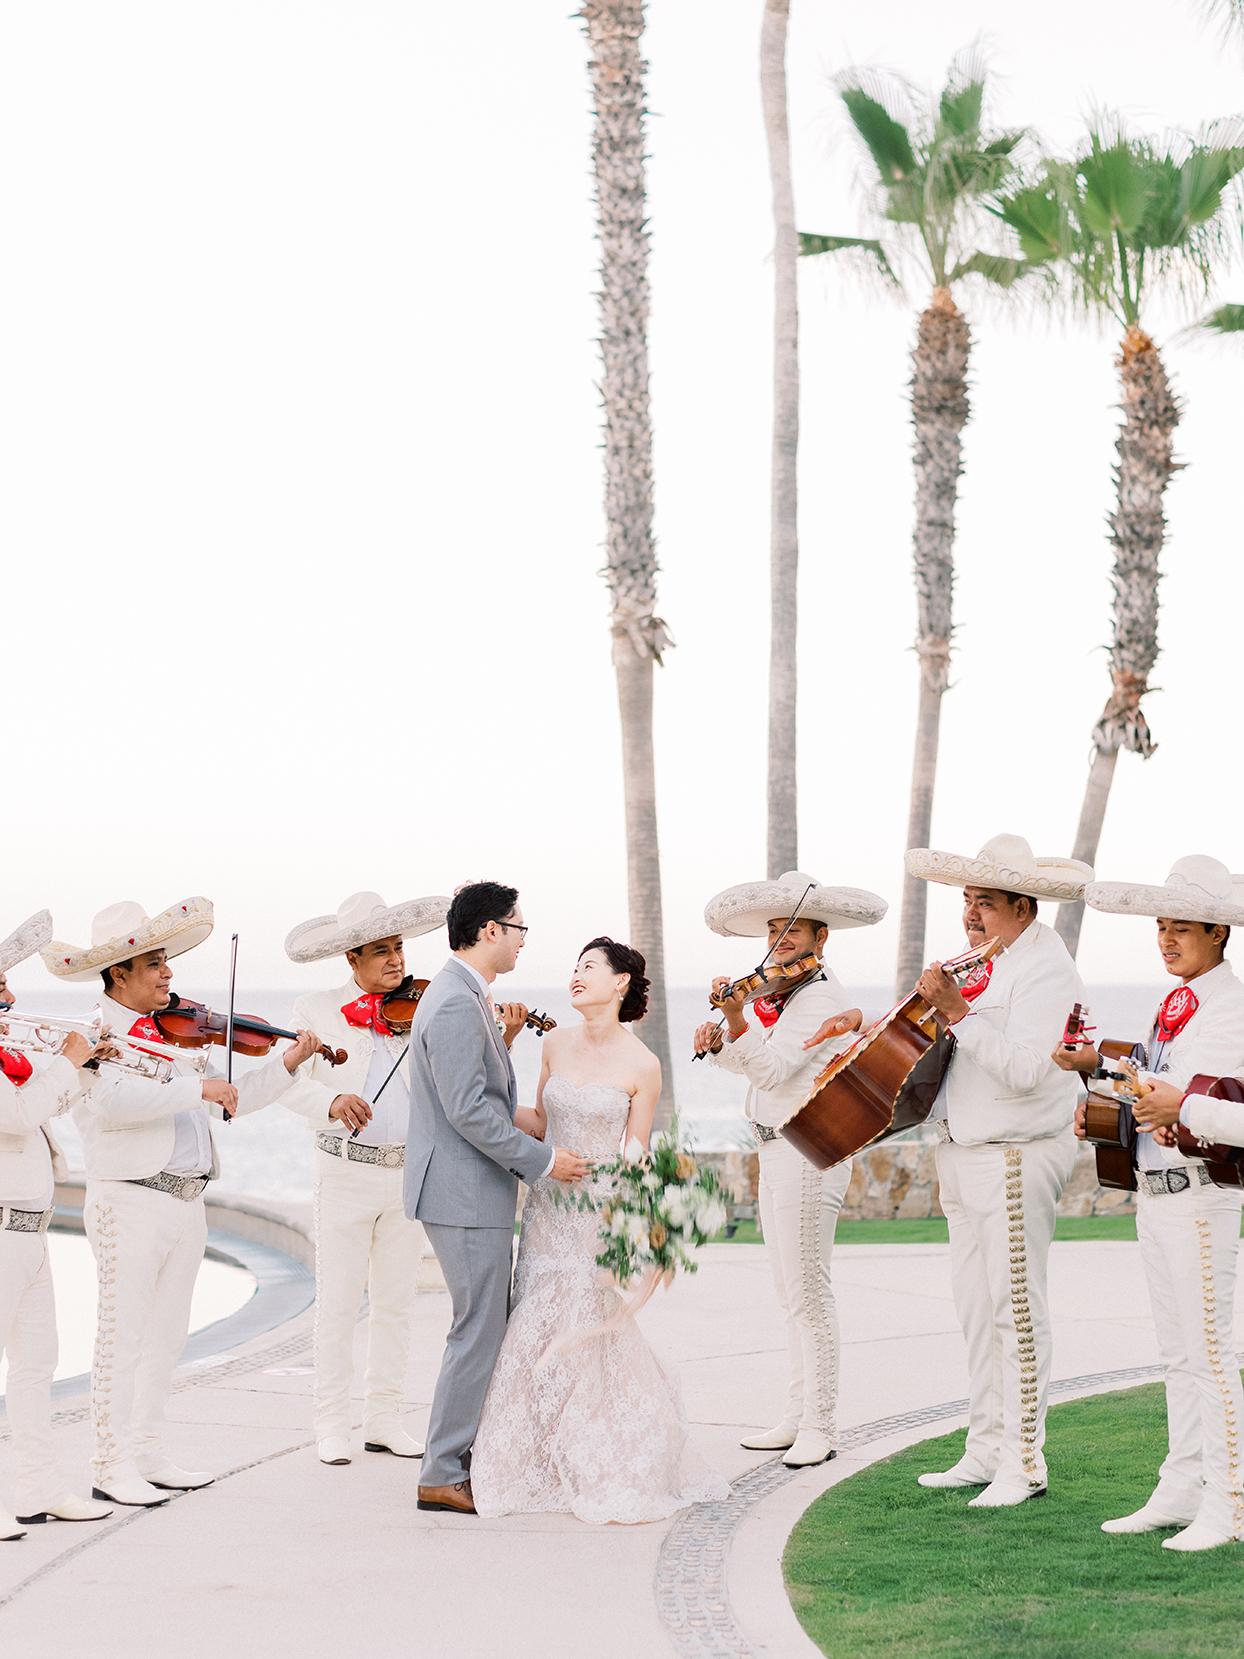 kirsten deran wedding couple mariachi band